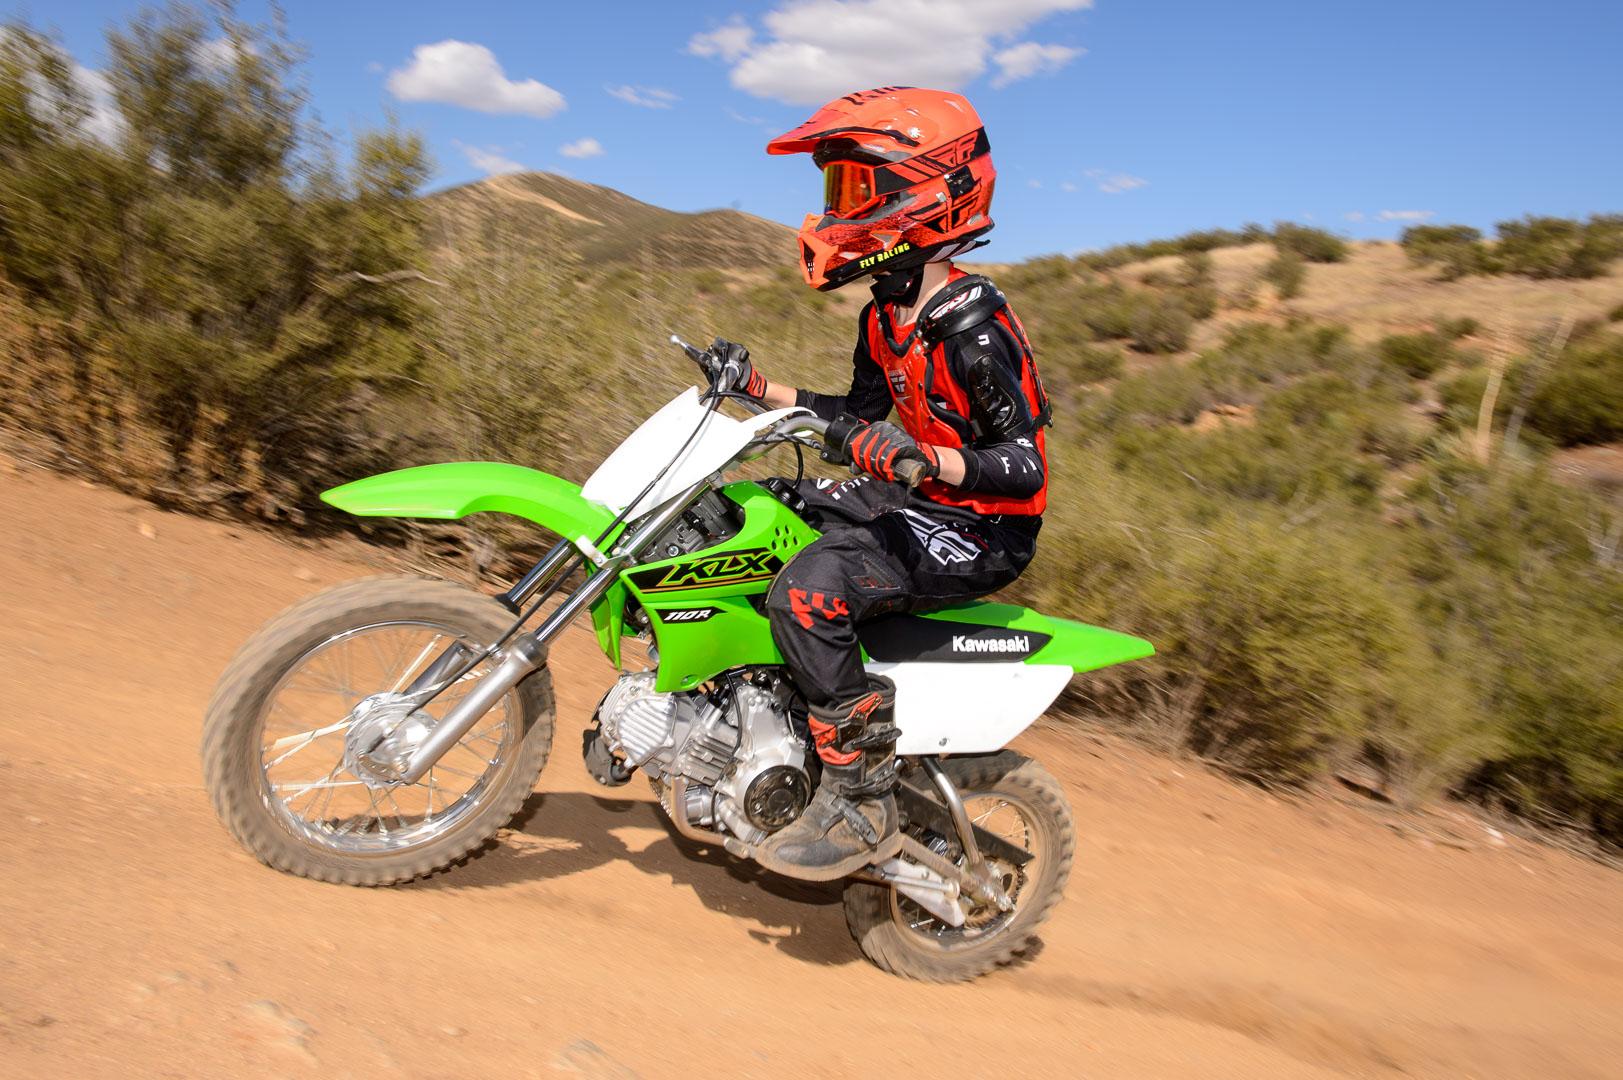 2021 Kawasaki KLX110R